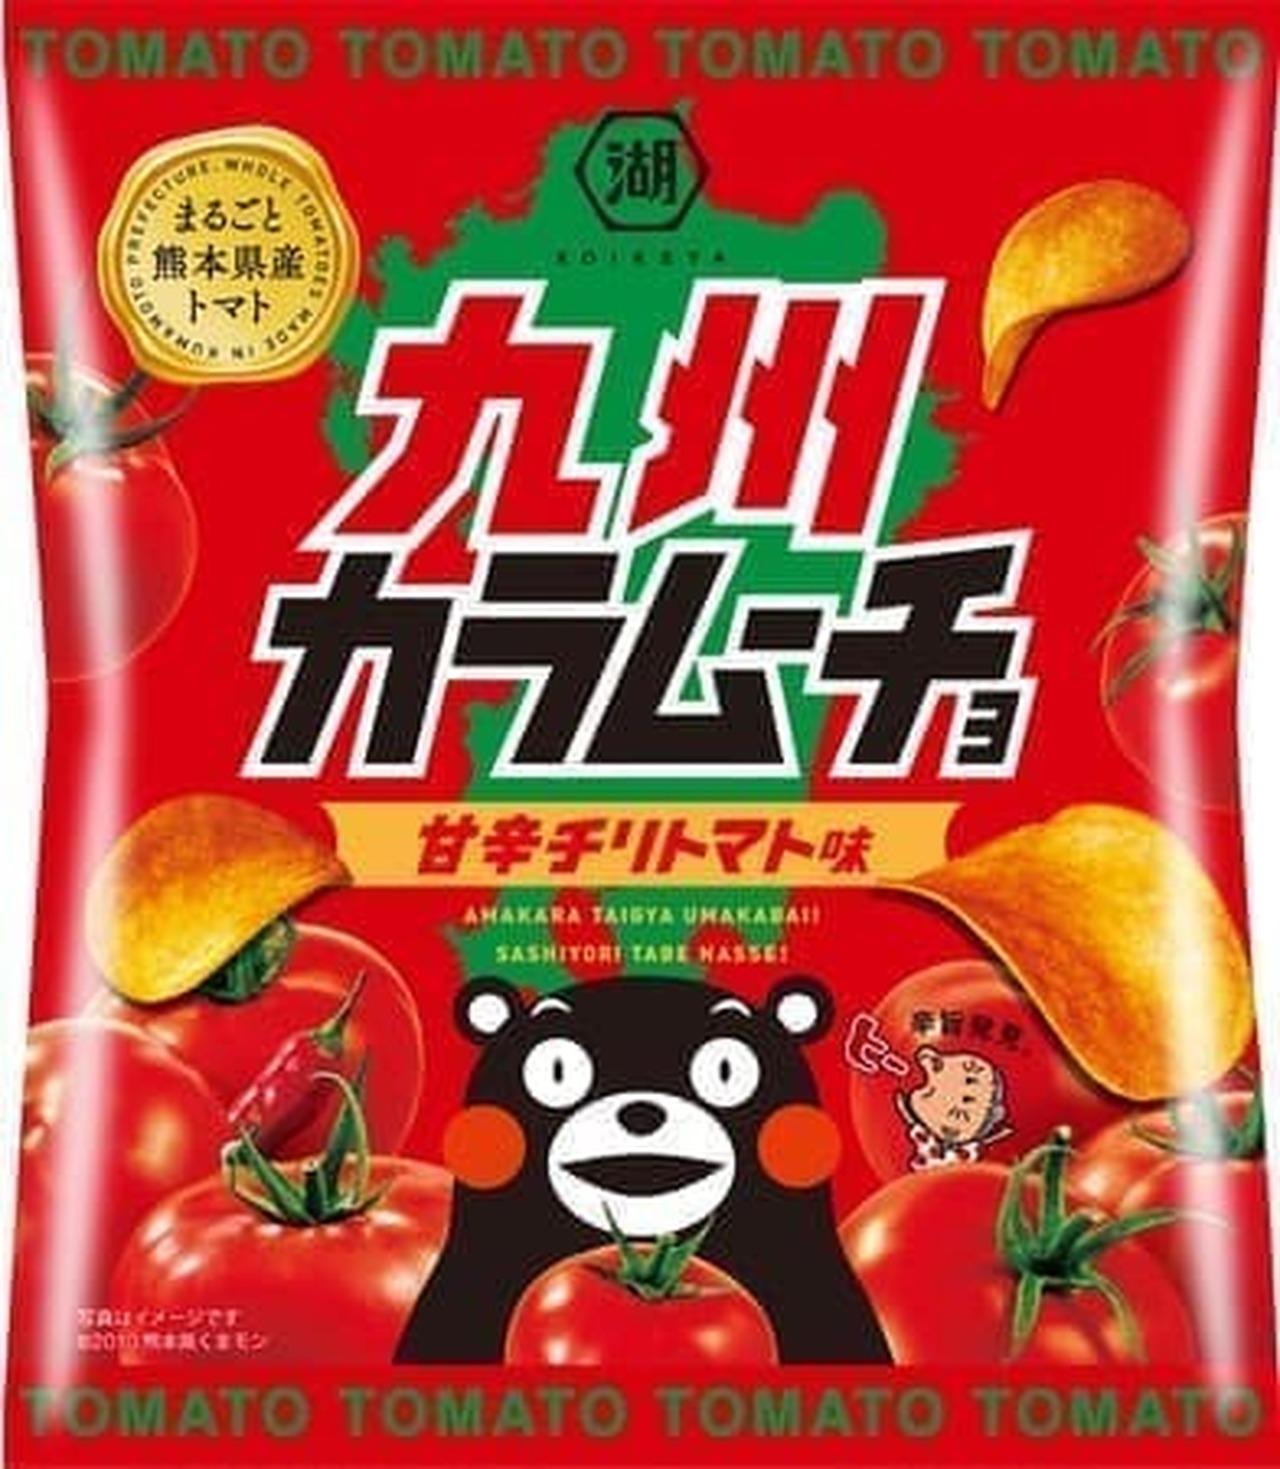 湖池屋「九州カラムーチョ 甘辛チリトマト」